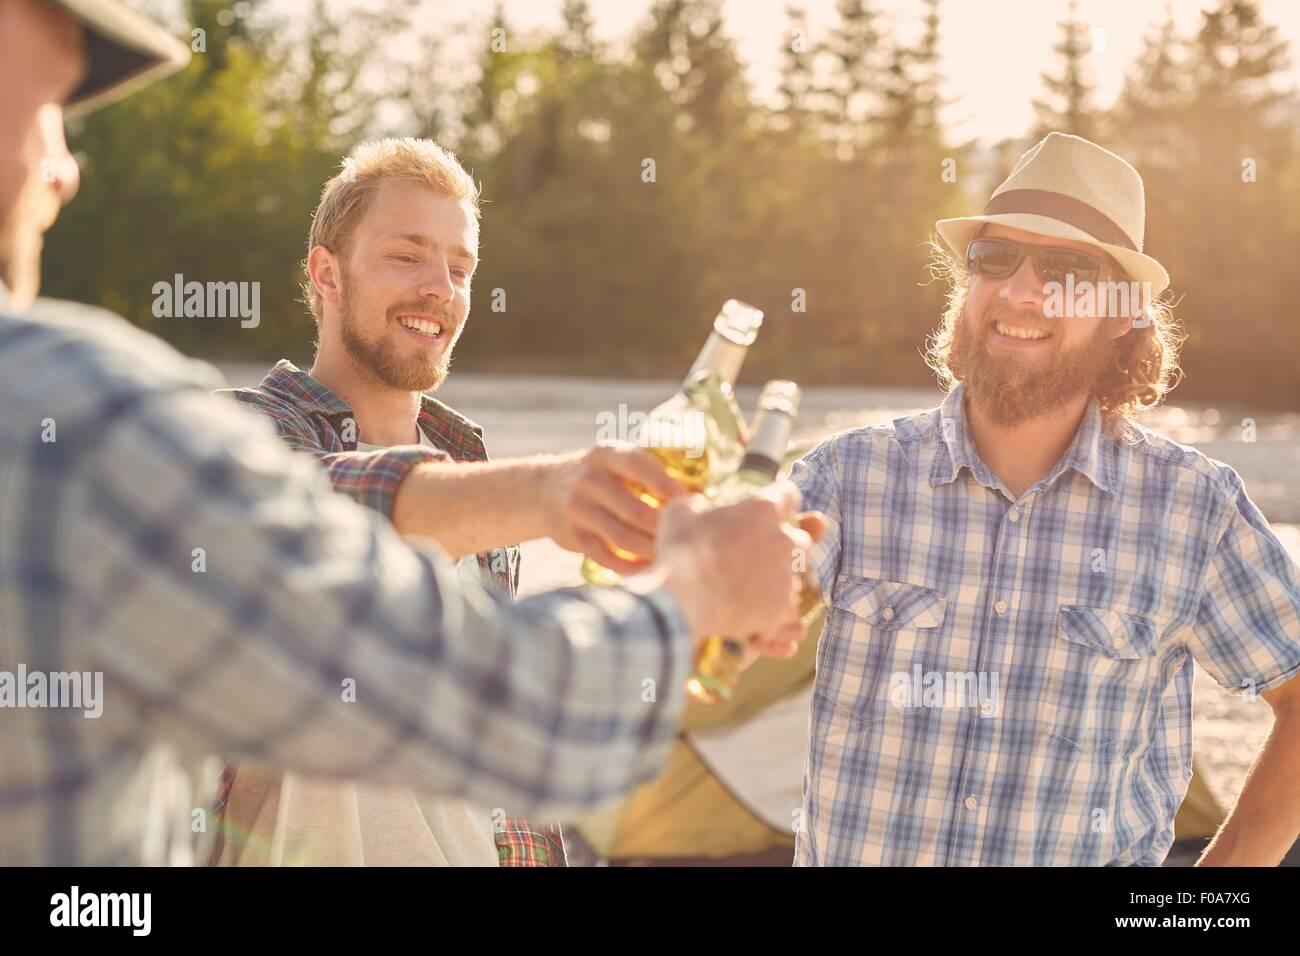 Fare gli uomini un toast con bottiglie di birra, sorridente Immagini Stock